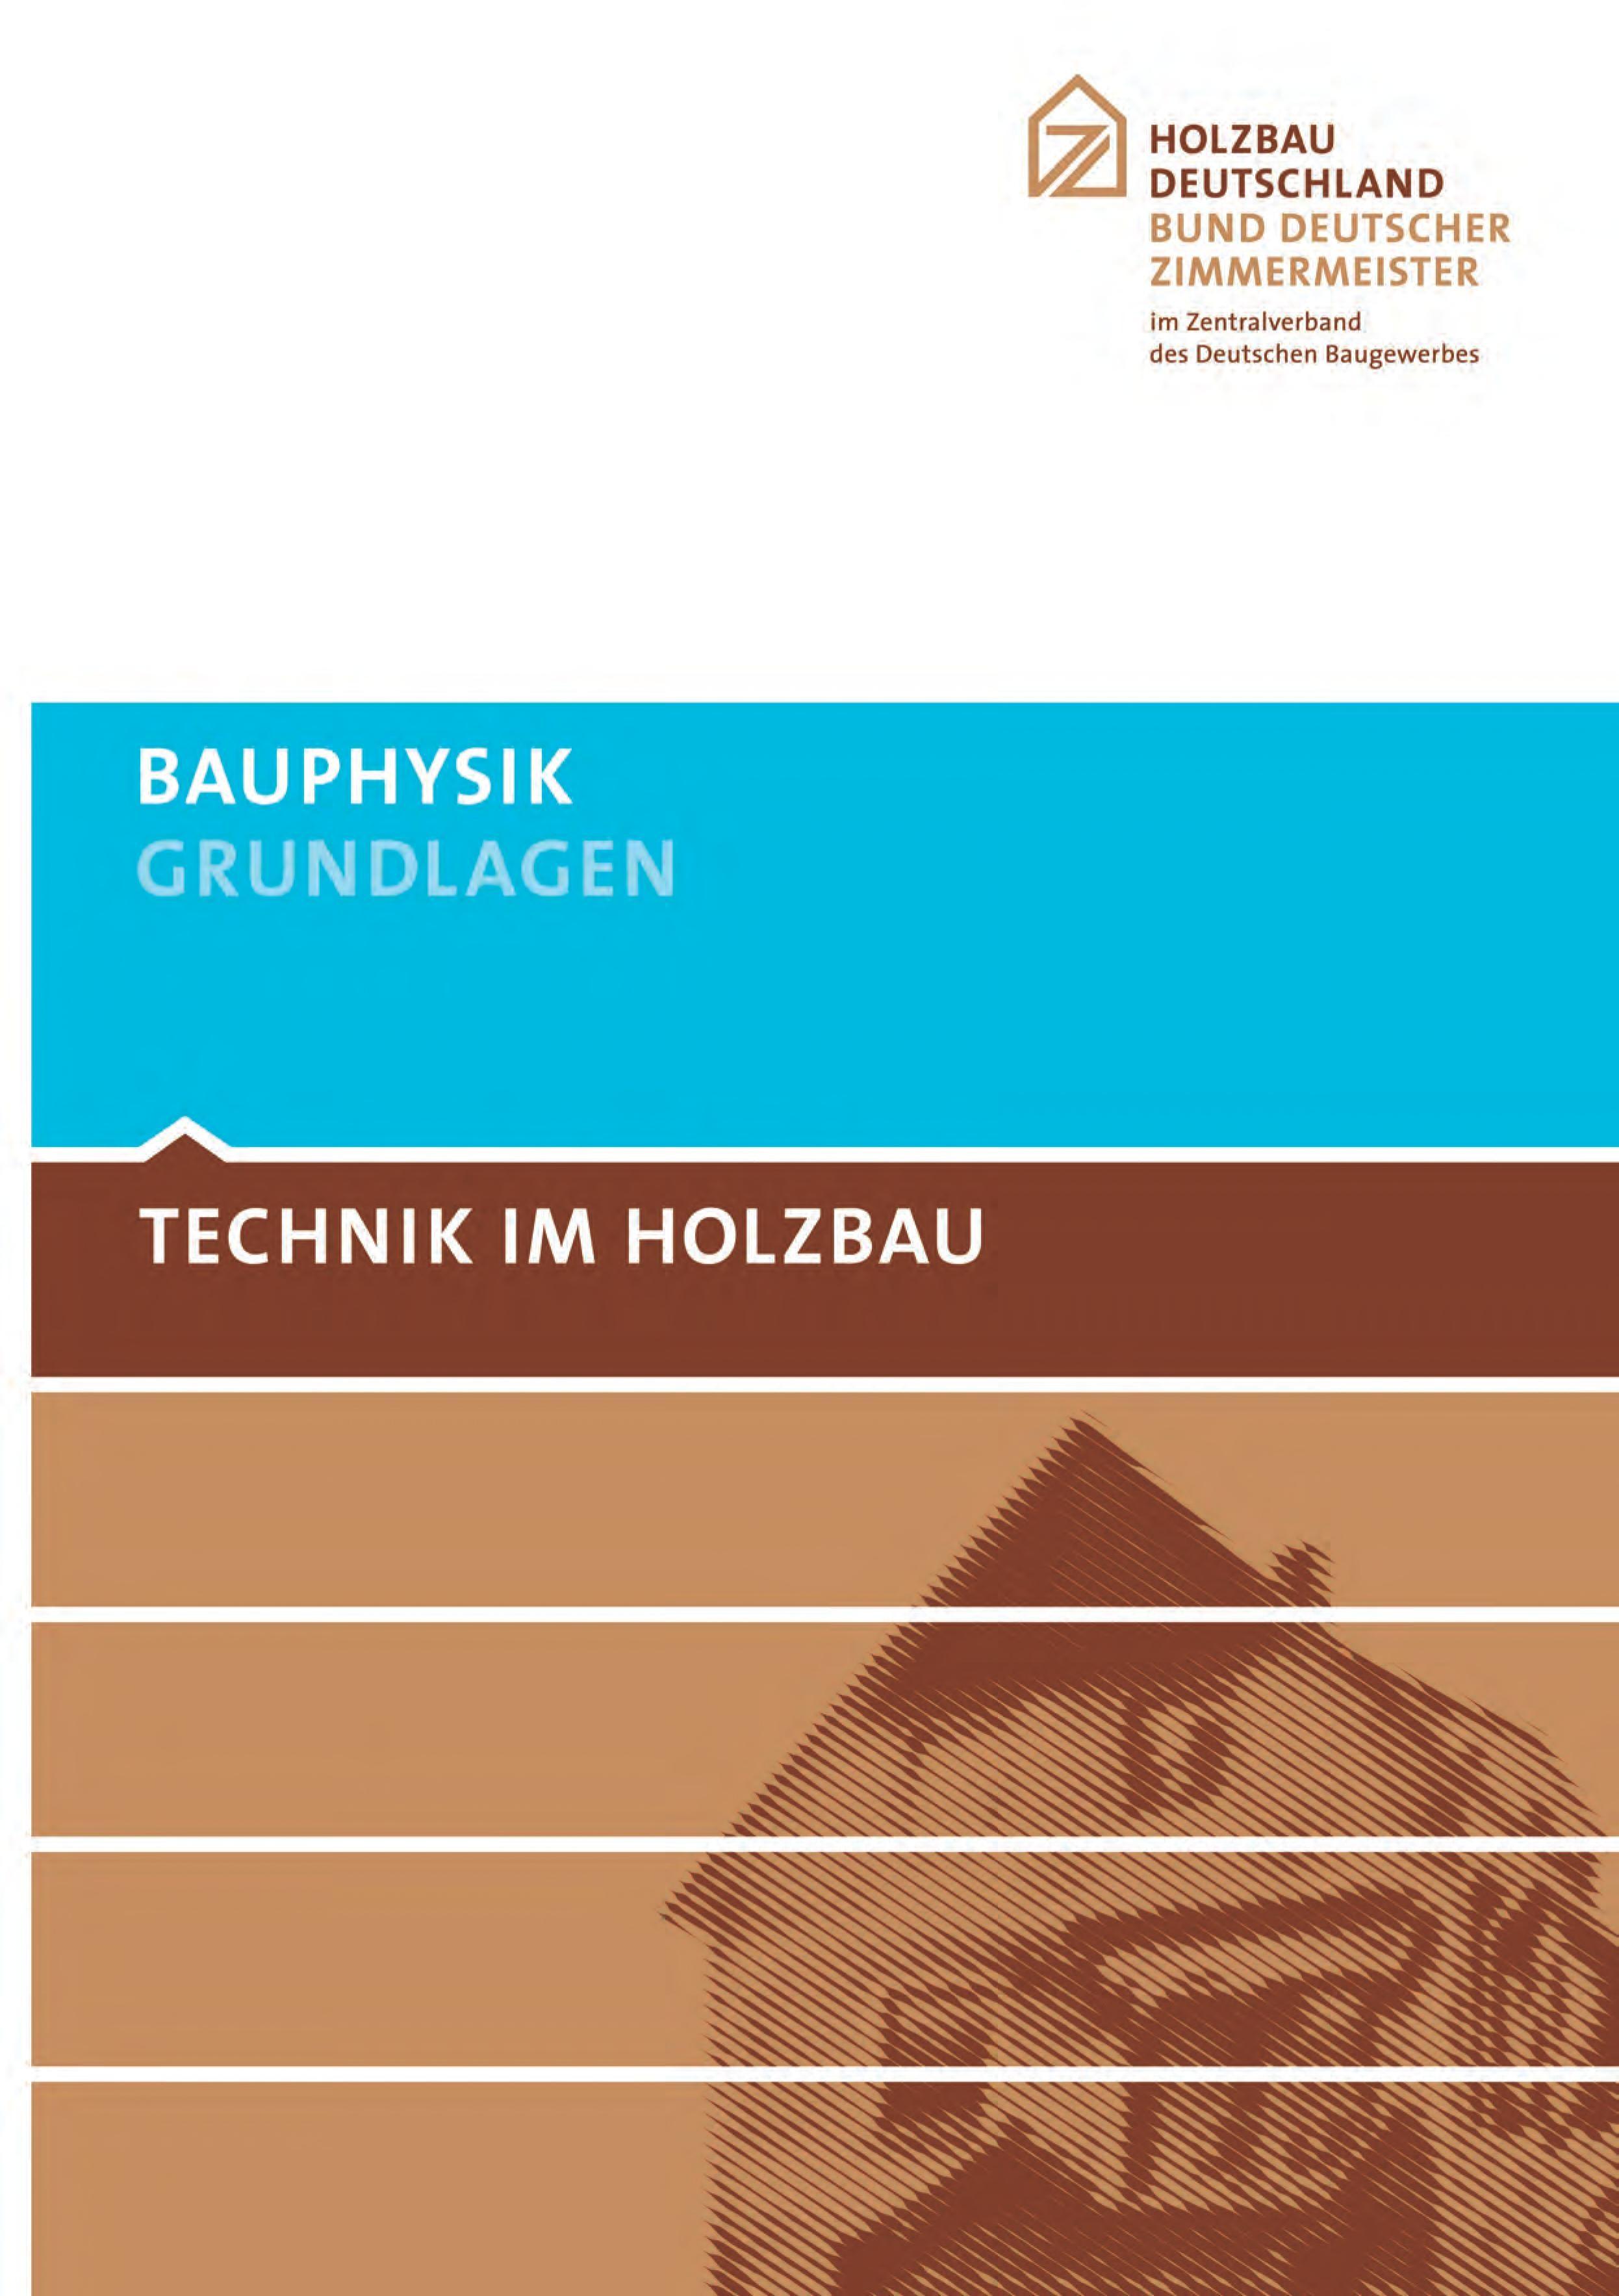 TECHNIK IM HOLZBAU Bauphysik - Grundlagen